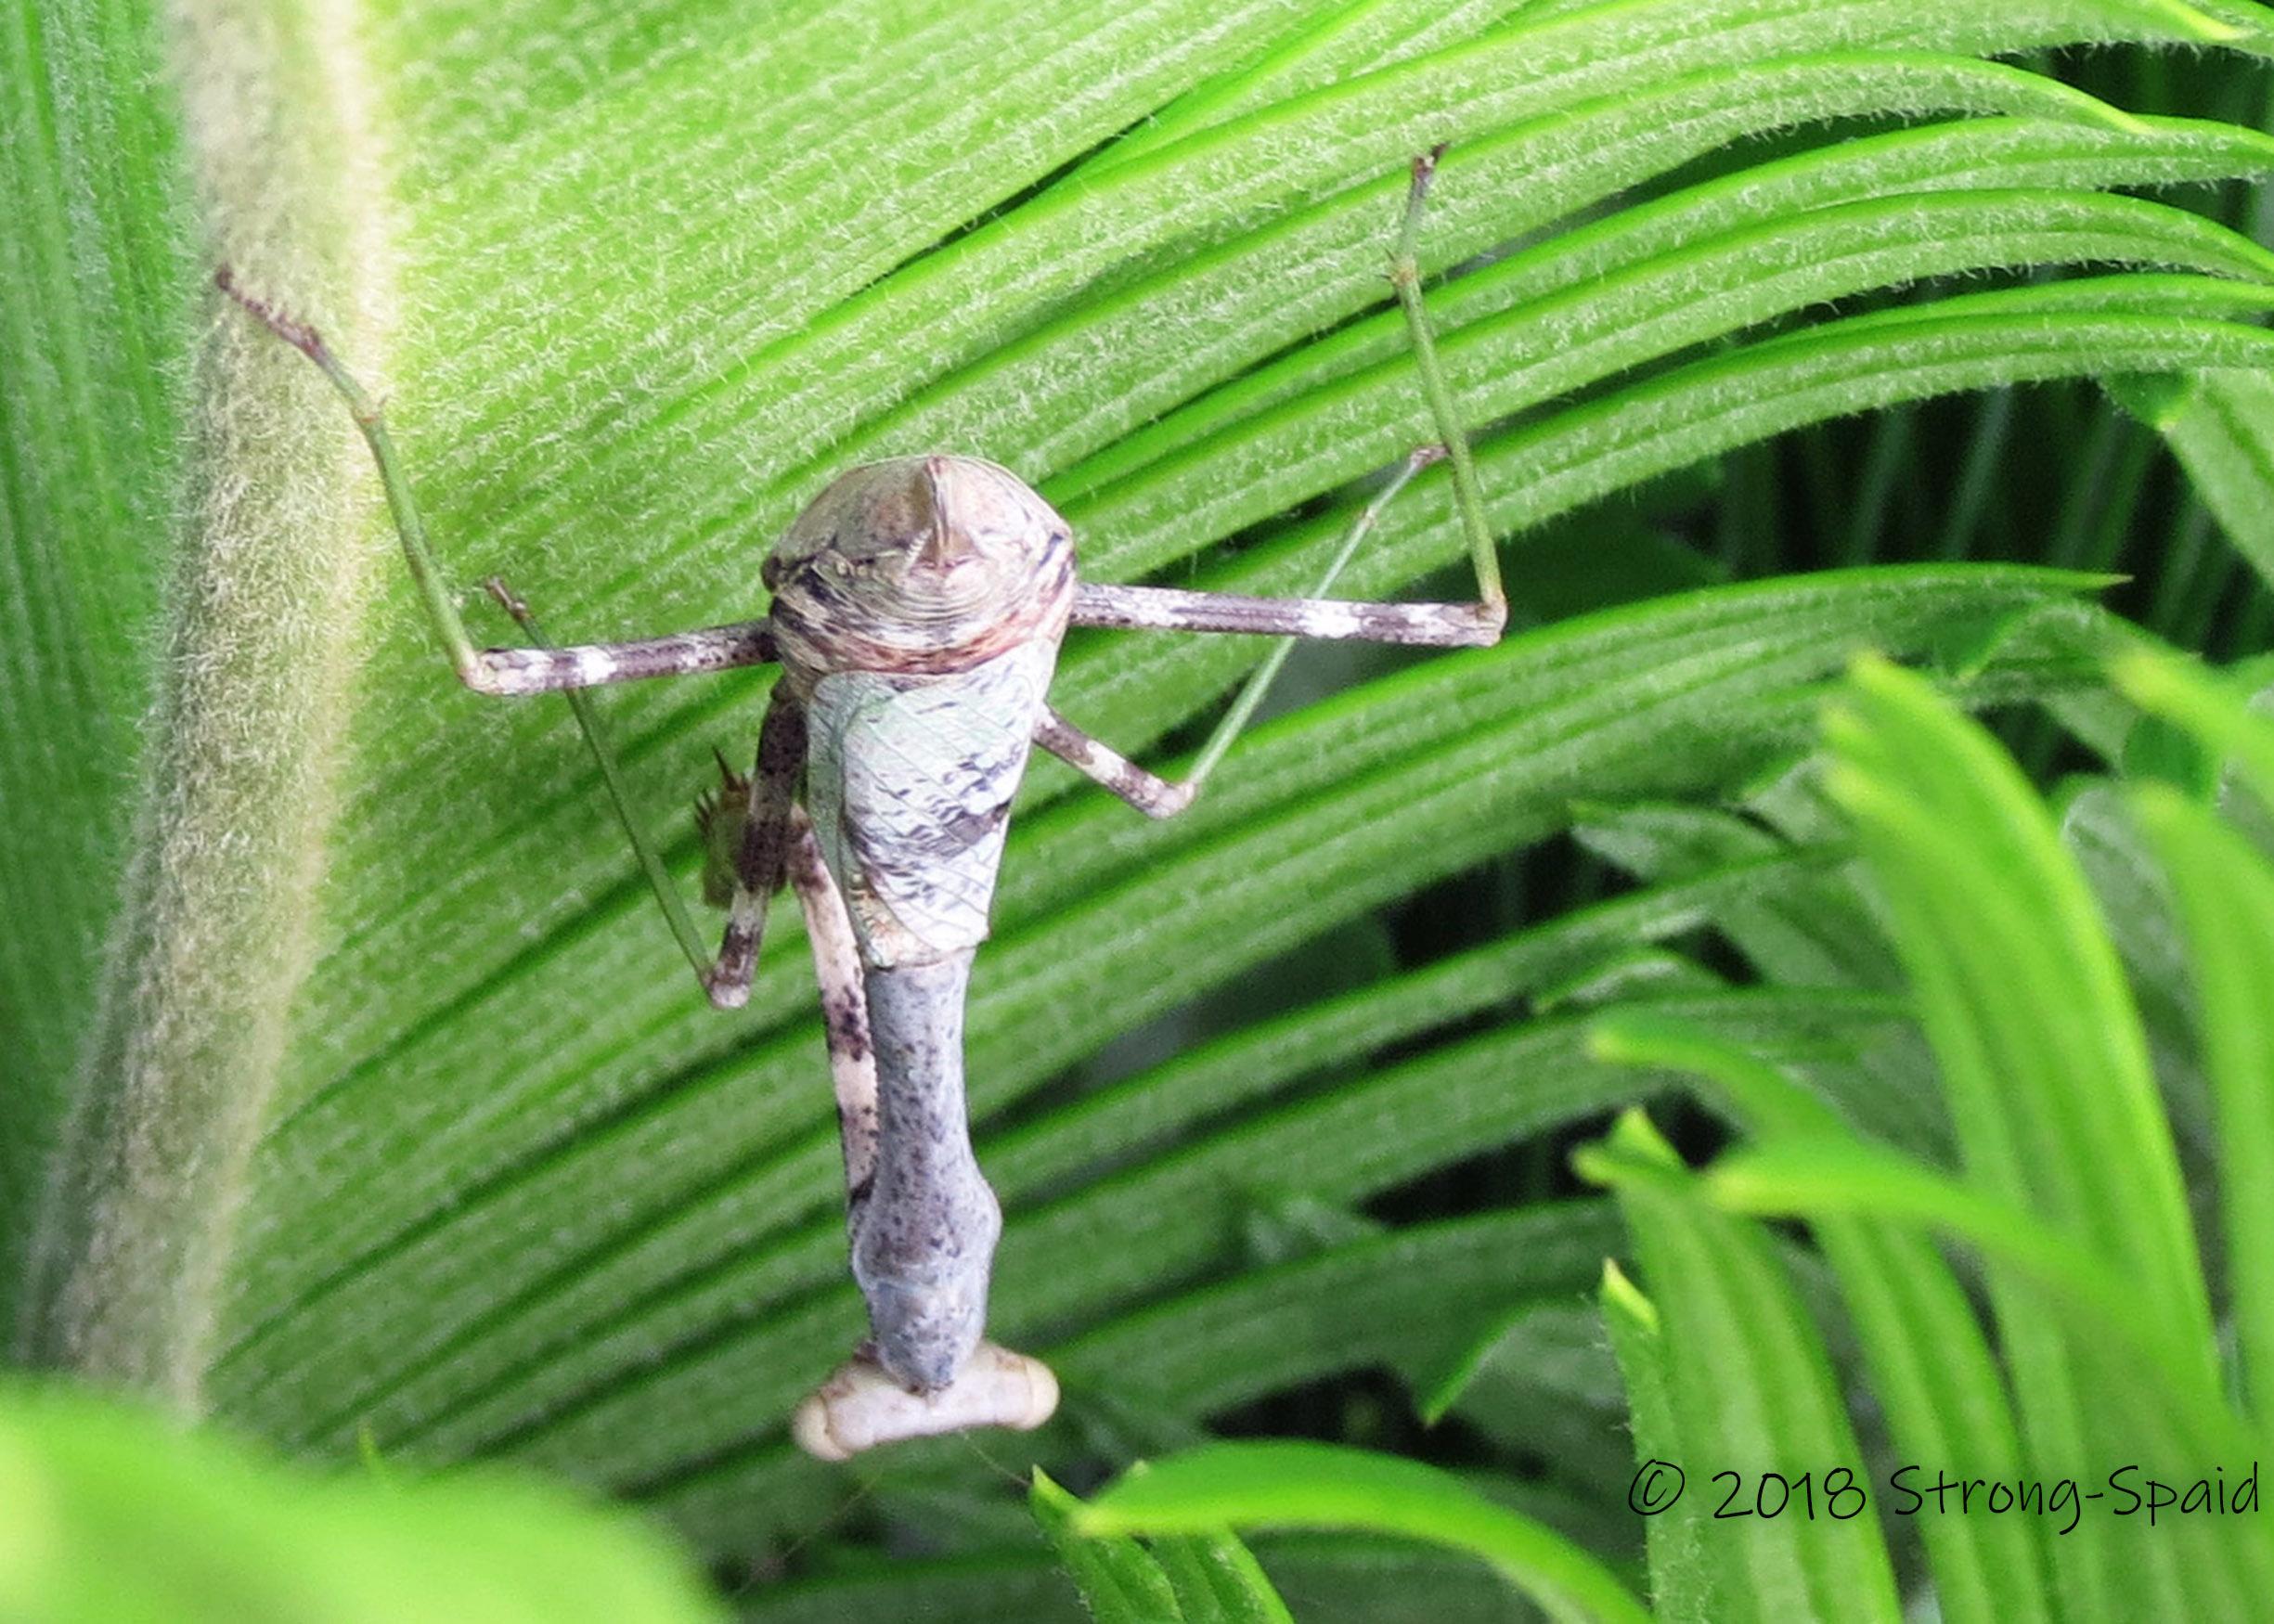 Praying Mantis upside down